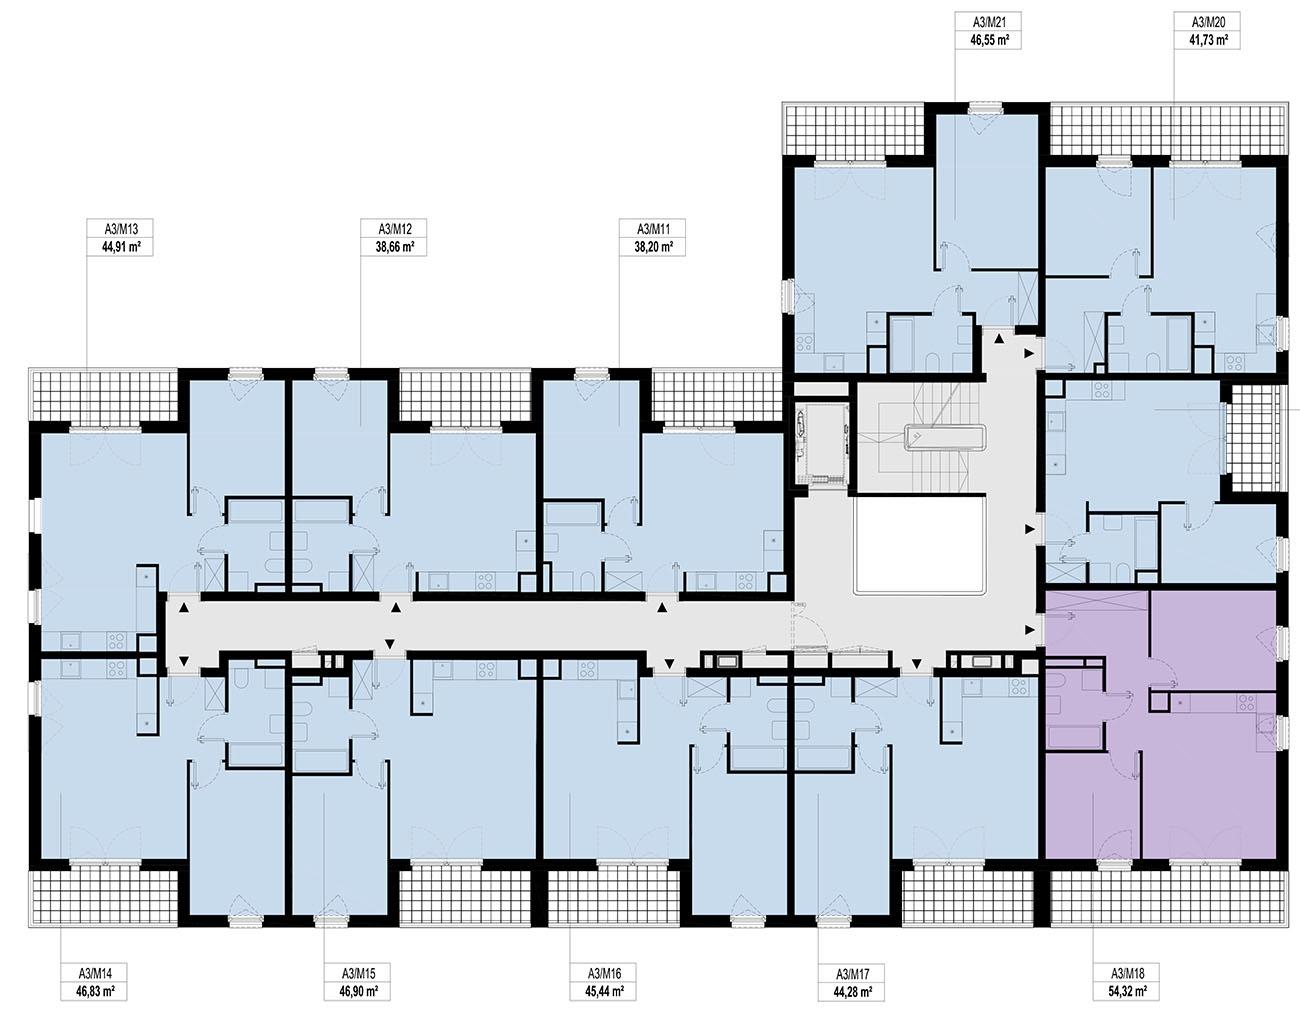 Etap 3 - Budynek A - Piętro 1